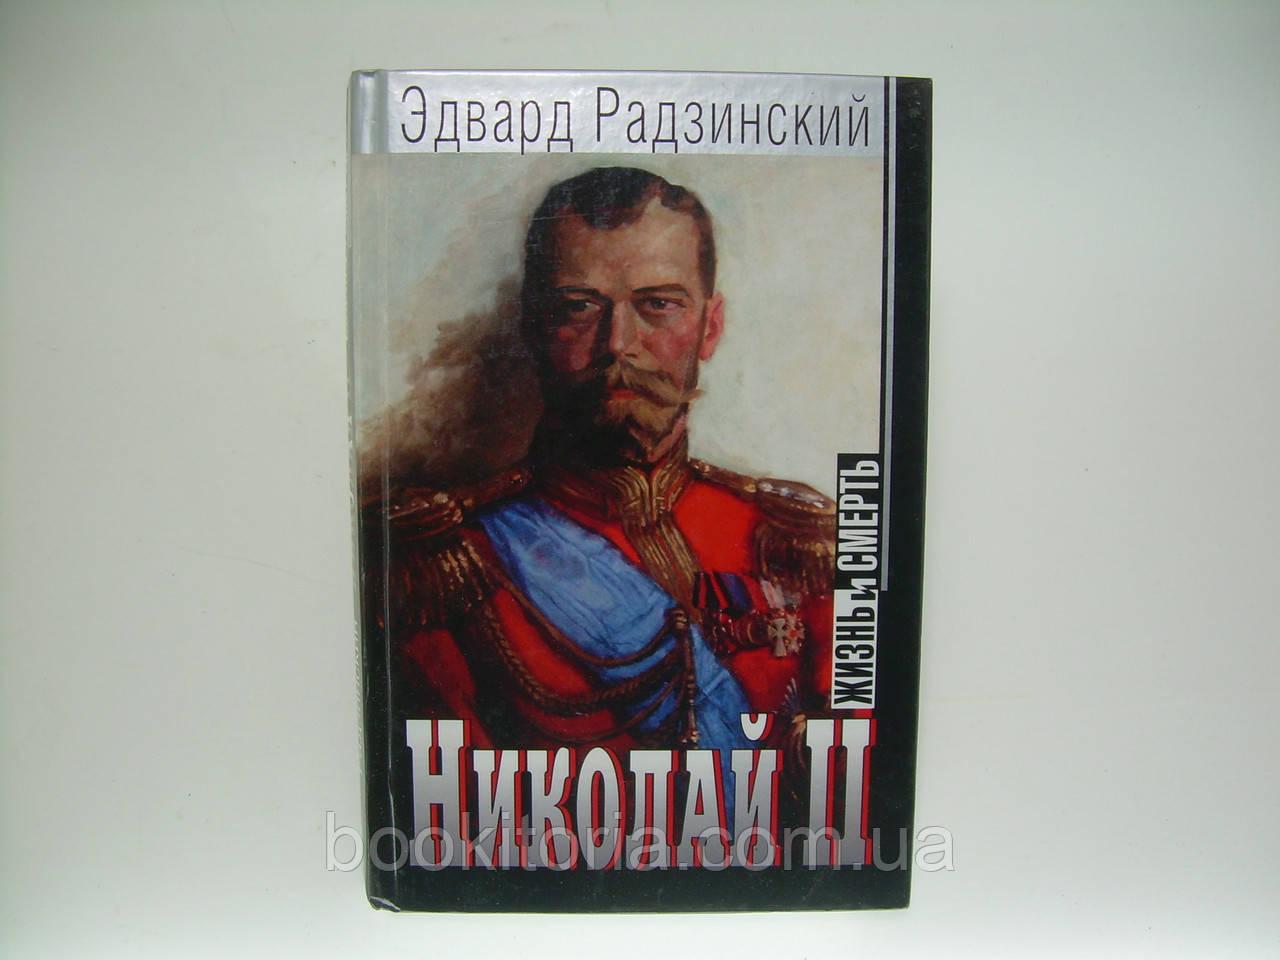 Радзинский Э. Николай II. Жизнь и смерть. С автографом автора (б/у).